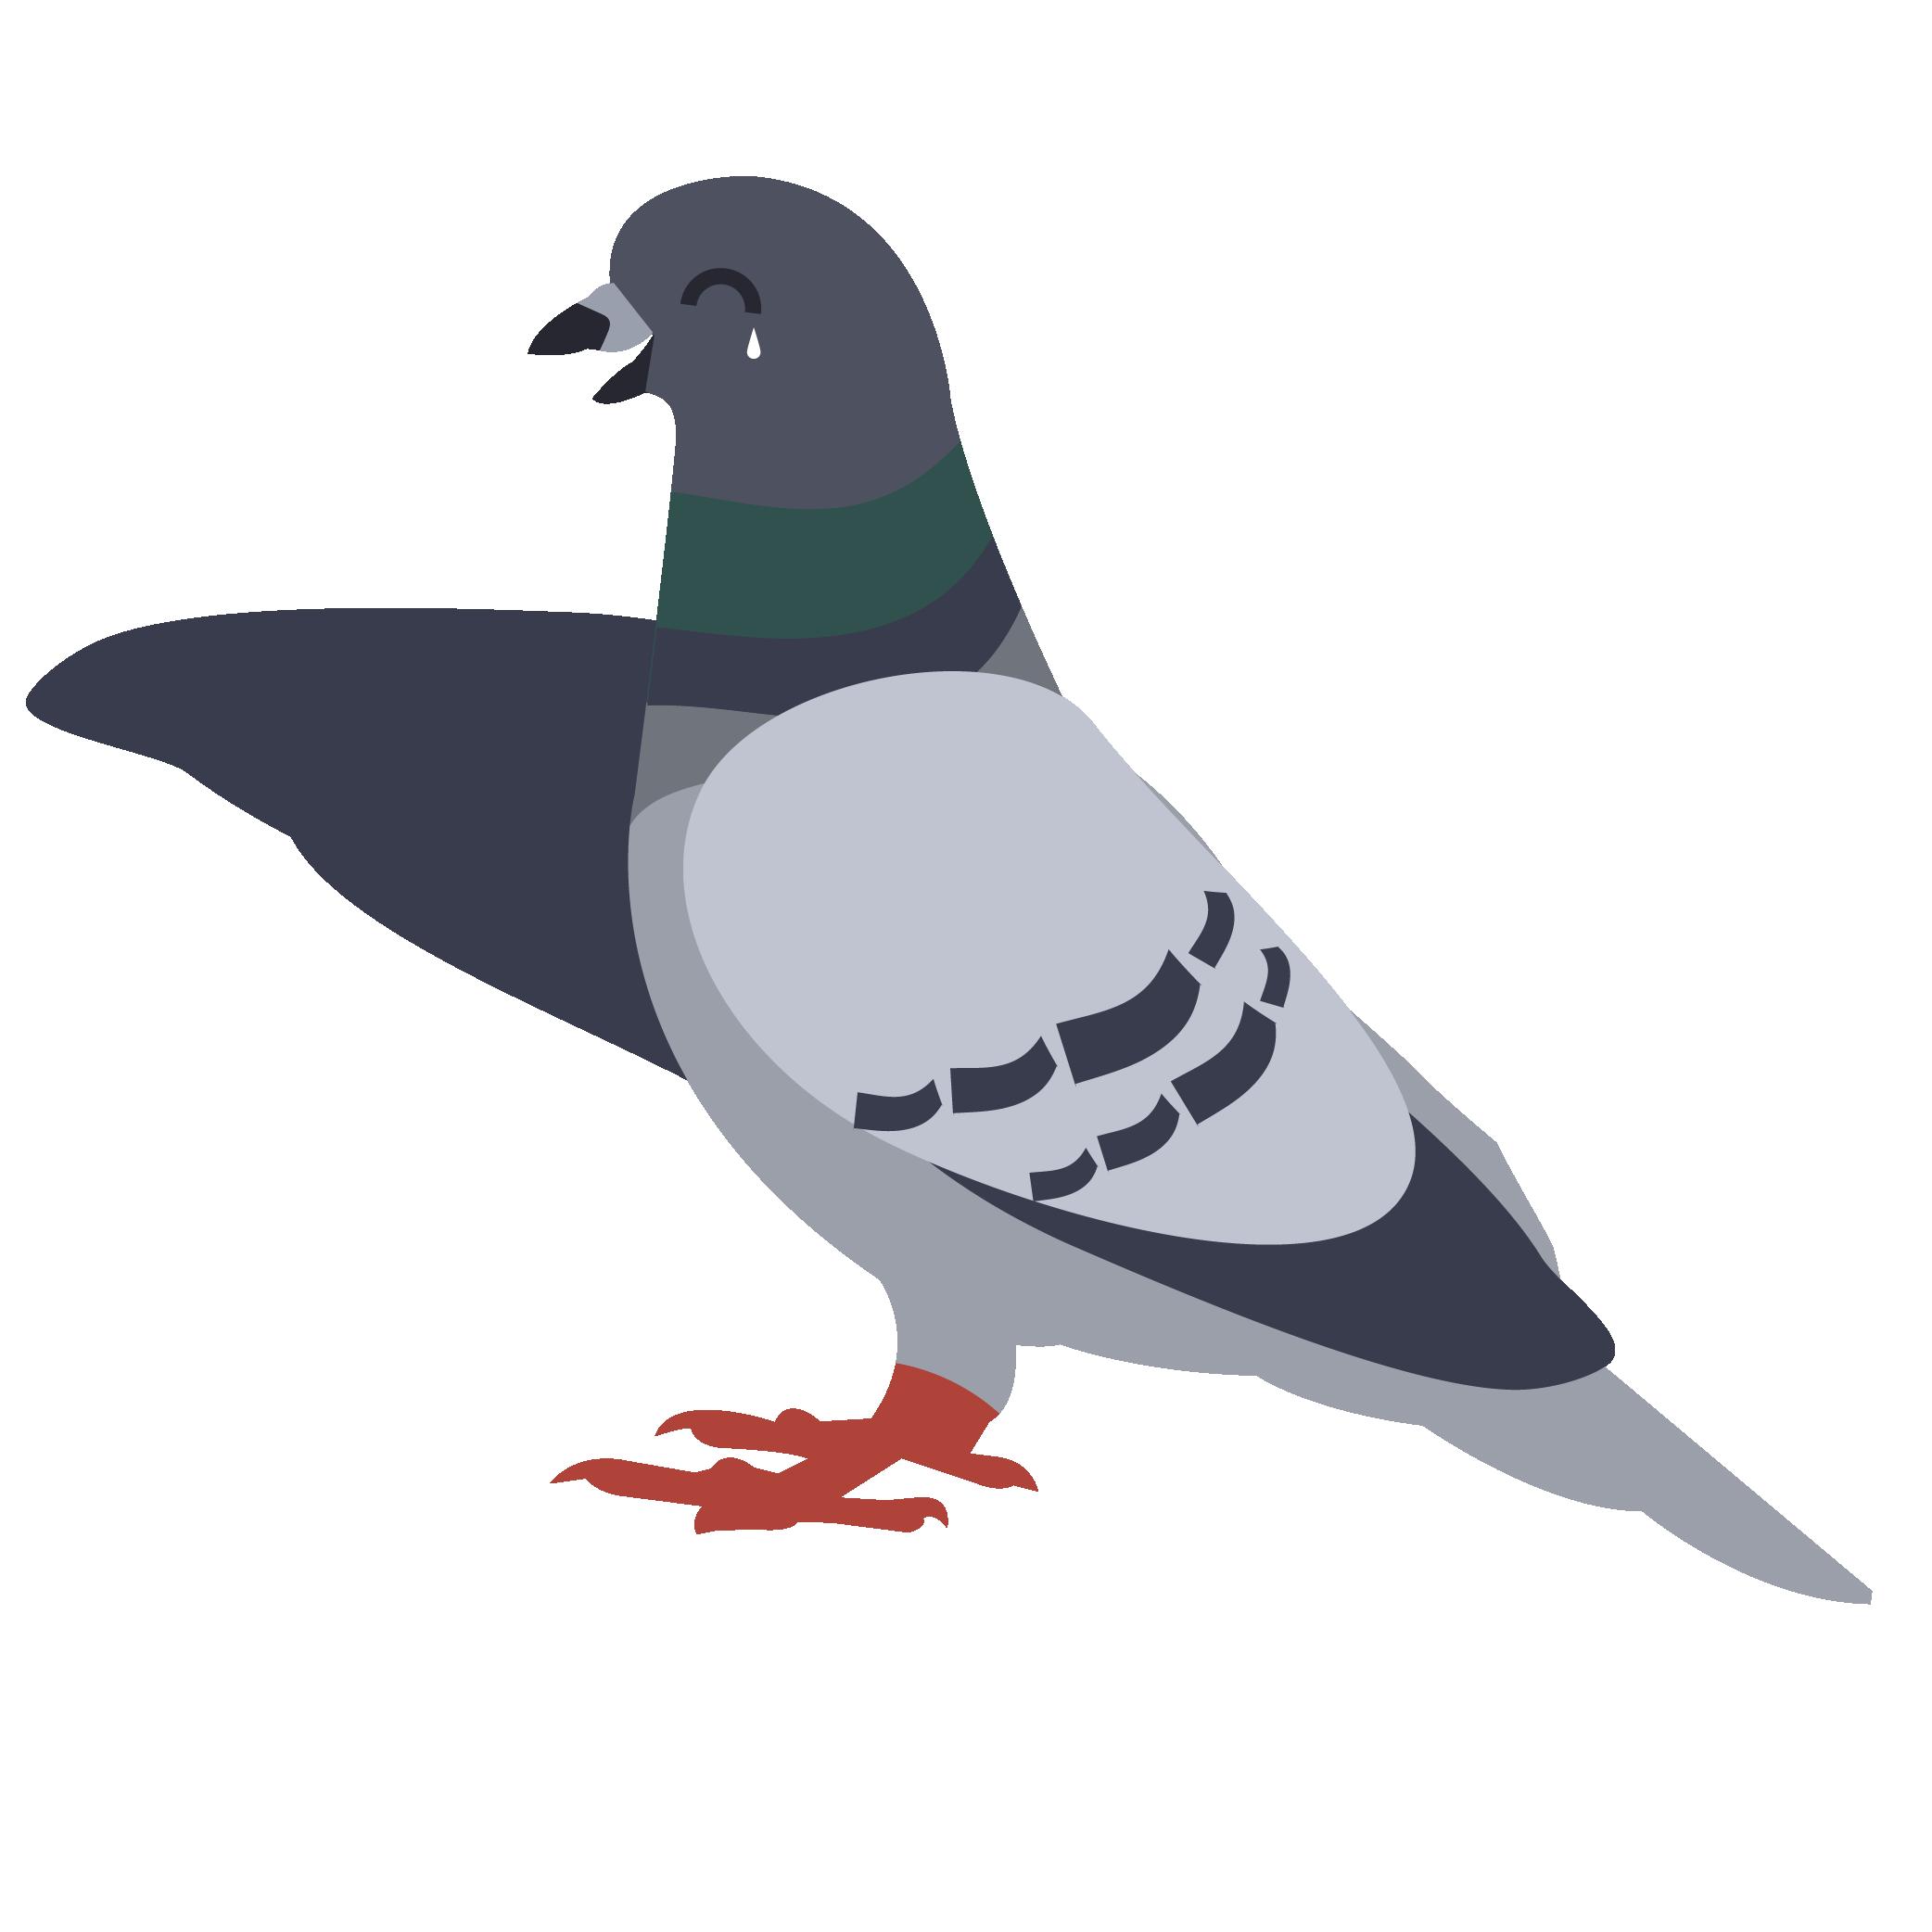 Pigeon clipart pigeon house. Fails premier control